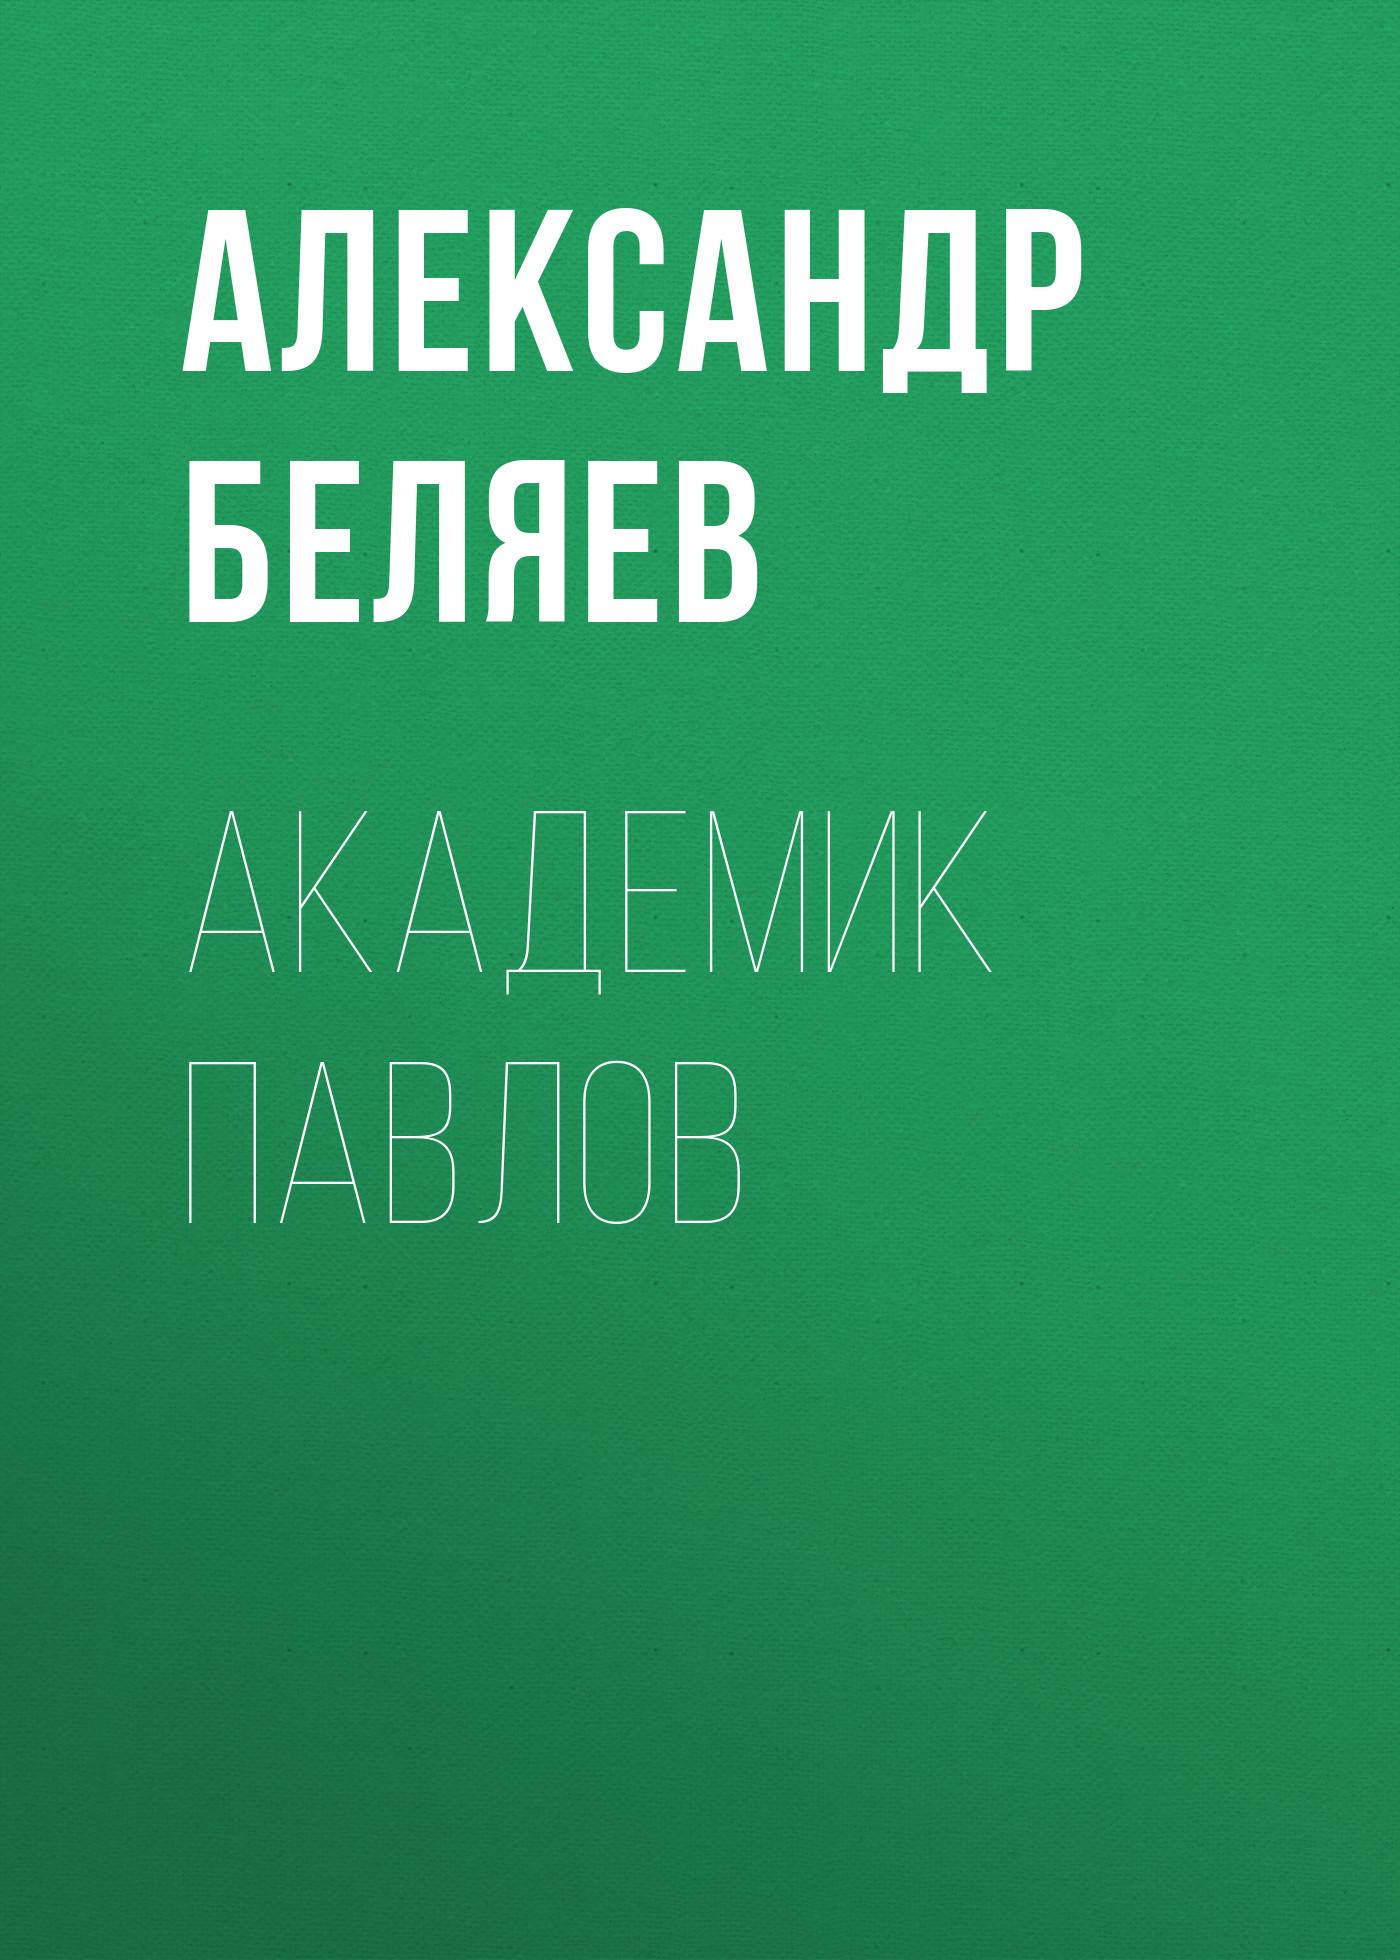 Александр Беляев Академик Павлов магазин для парикмахеров харьков академика павлова